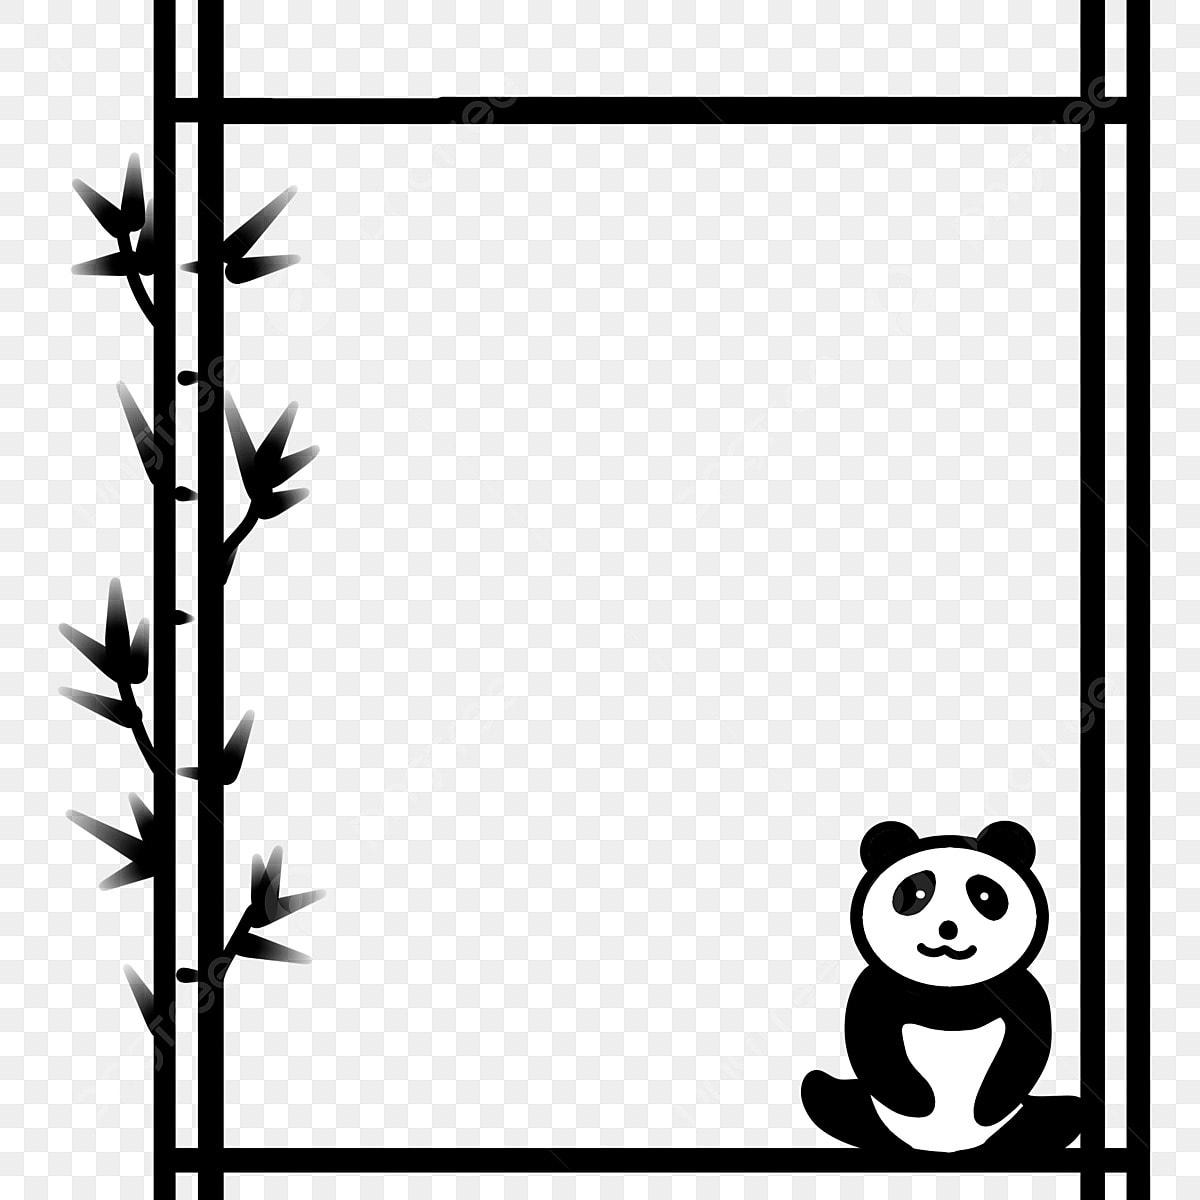 Panda Géant Noir Et Blanc Frontière Dessin Animé Bambou Et